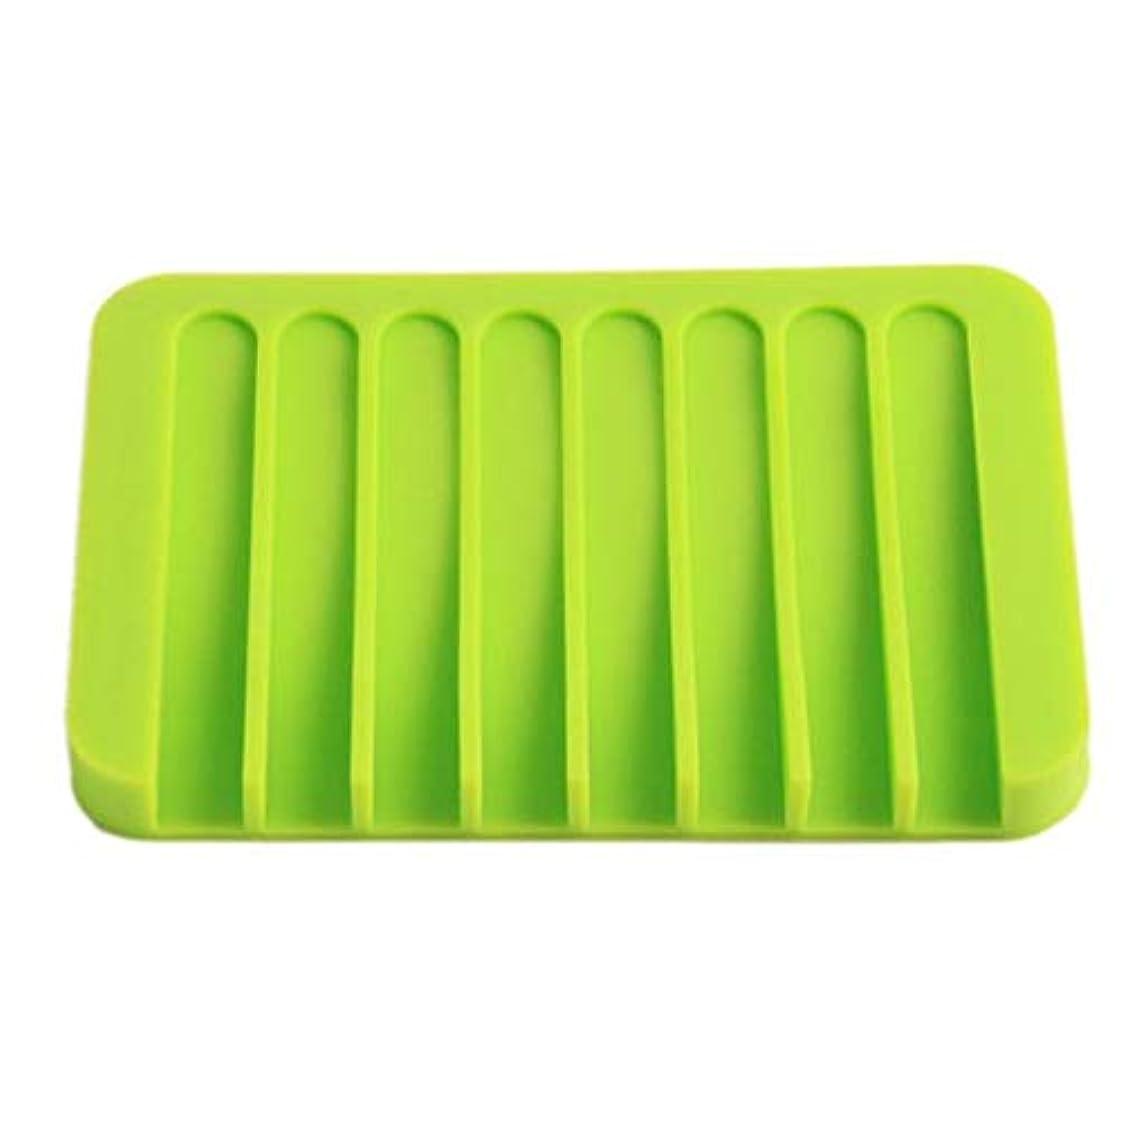 サイレン小屋要求Onior プレミアム品質のシリコーン浴室柔軟な石鹸皿ソープホルダー収納ソープボックスプレートトレイ排水、グリーン